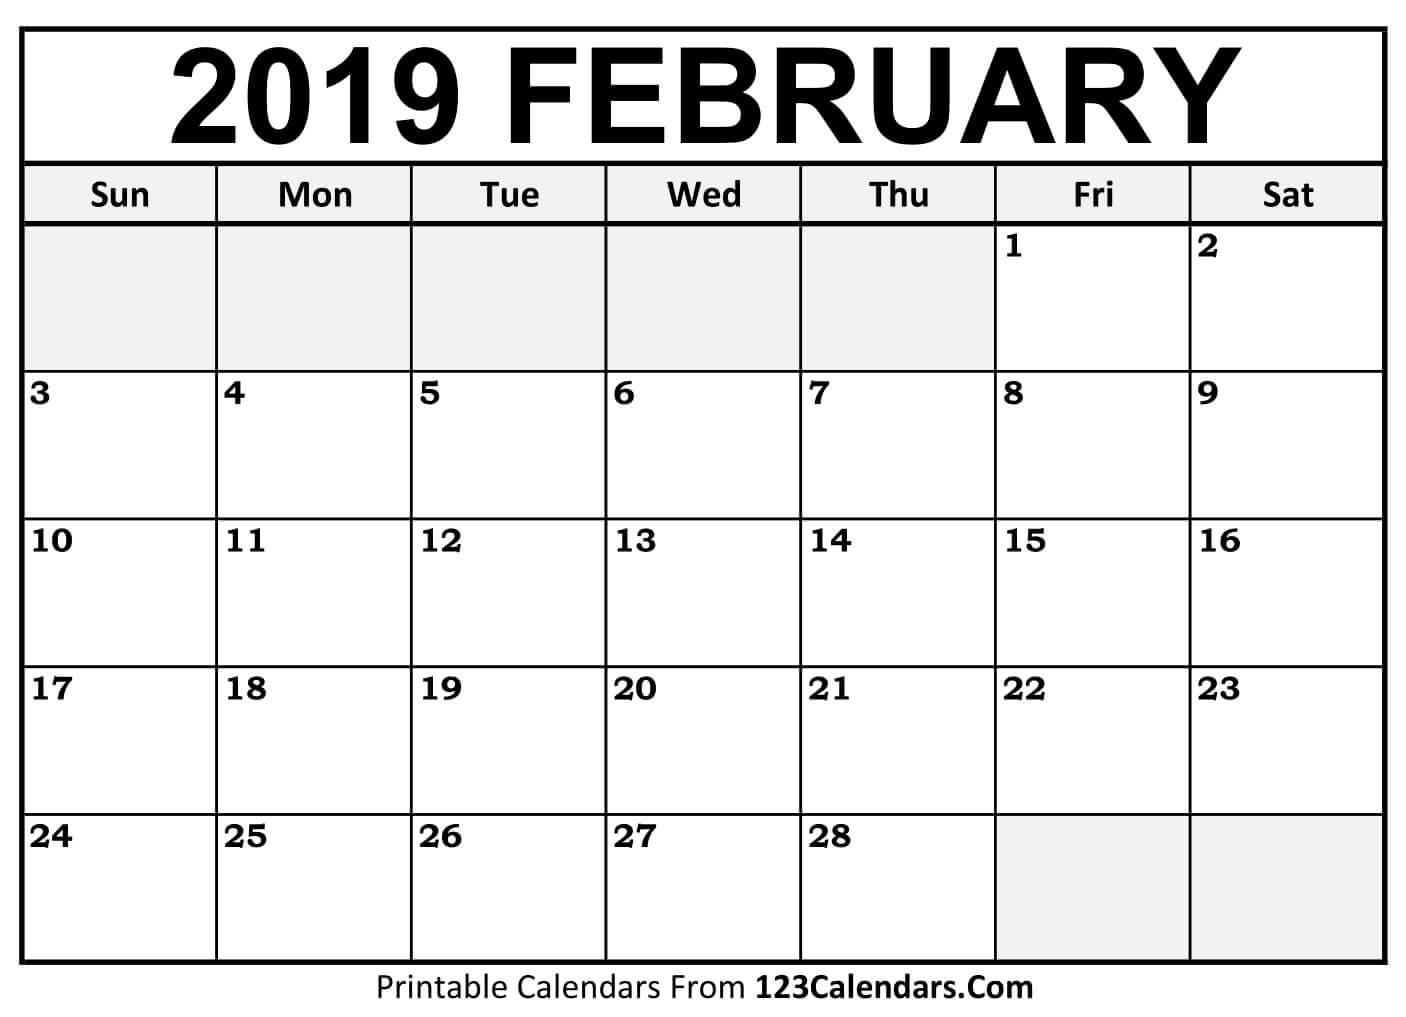 Printable February 2019 Calendar Templates – 123Calendars A Calendar For February 2019